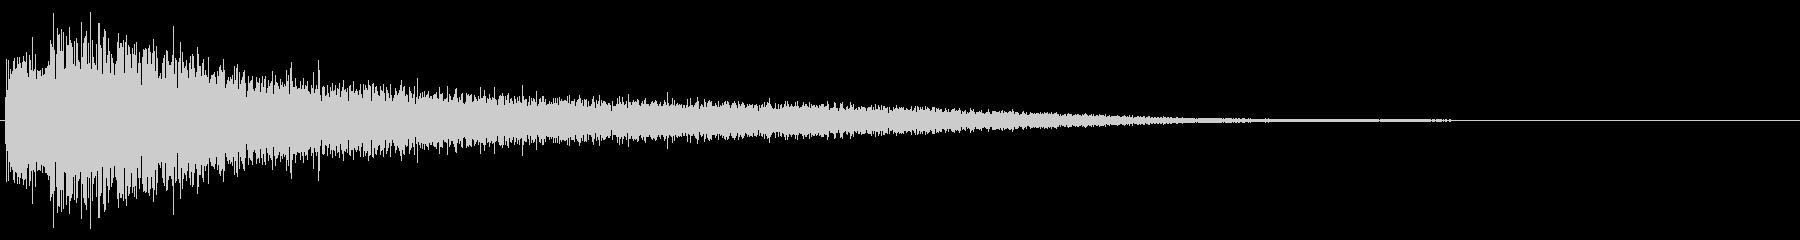 ガキーン(刀・剣・刃)の未再生の波形